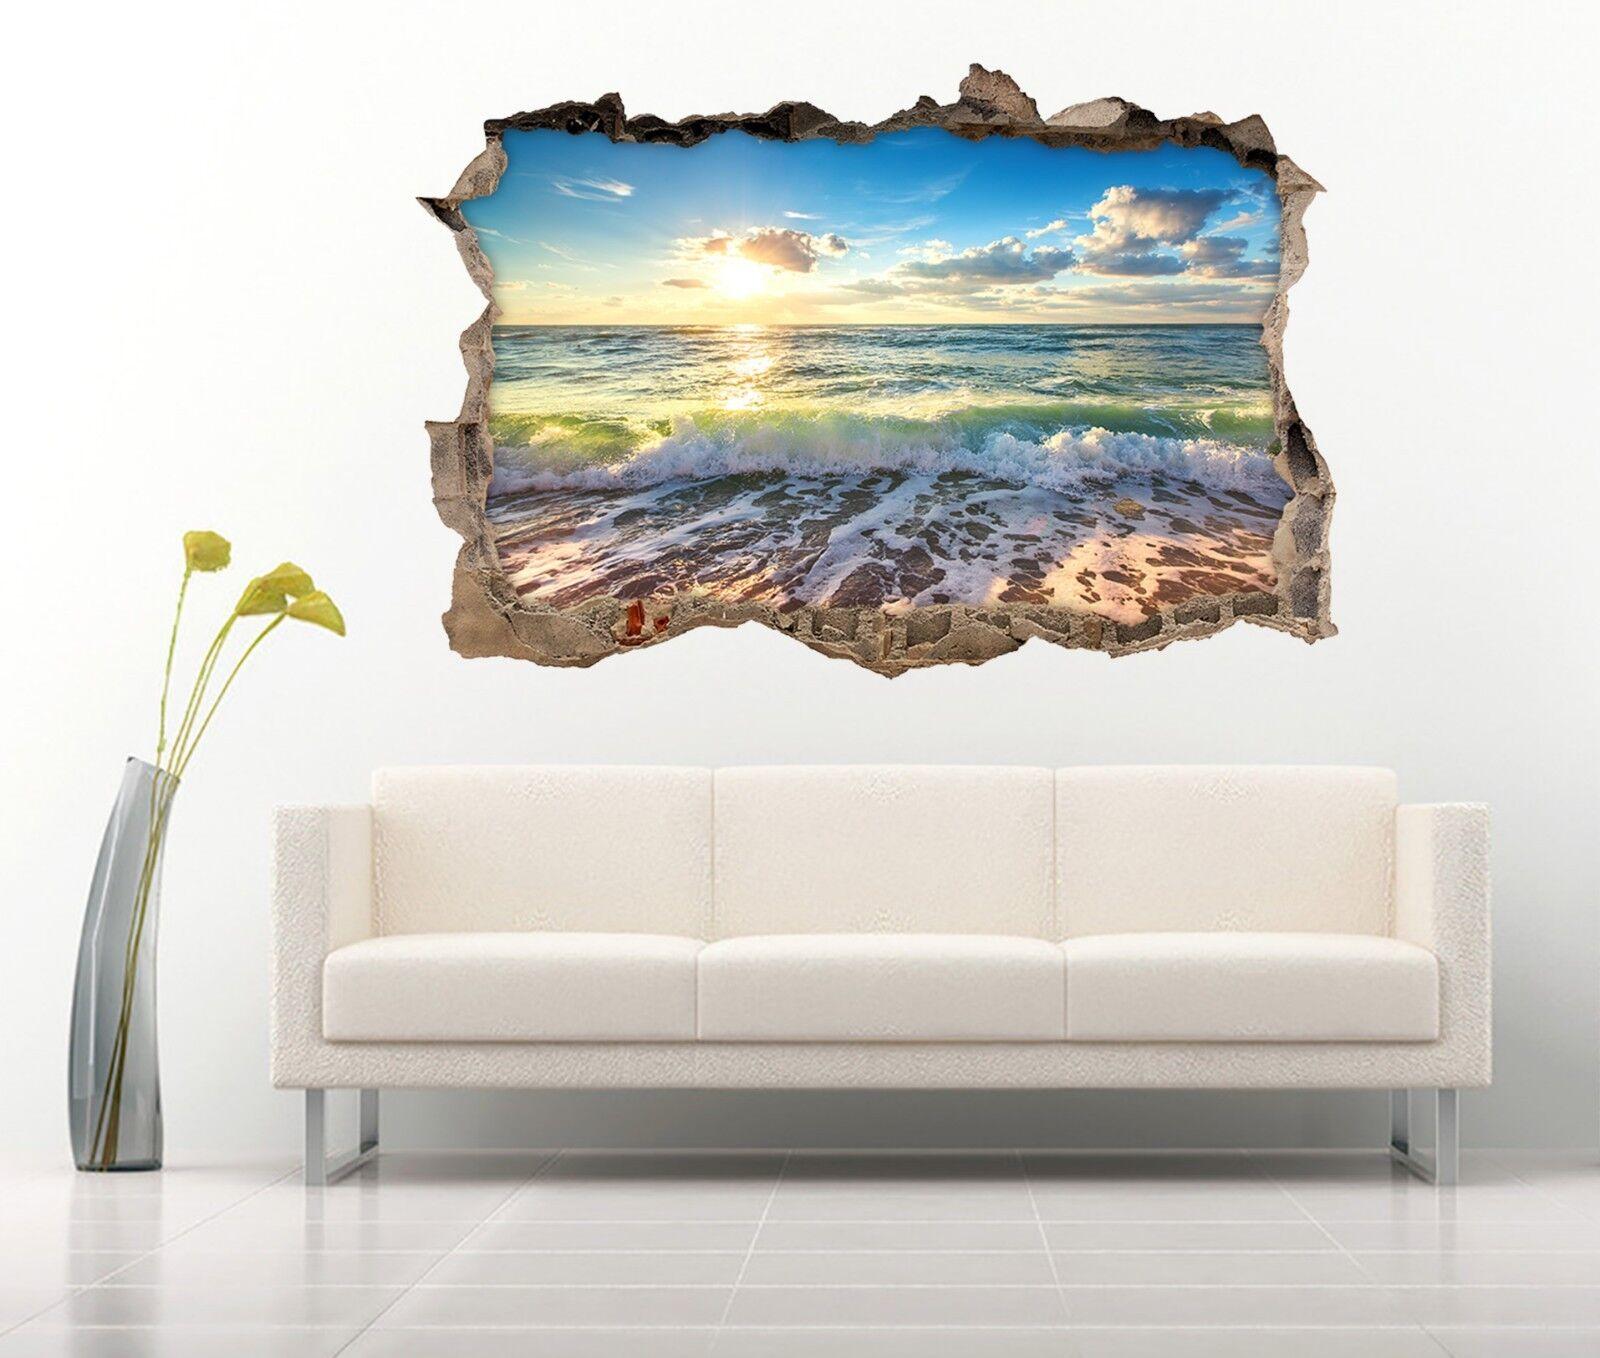 3D Schönes Meer 052 Mauer Murals Mauer Aufklebe Decal Durchbruch AJ WALLPAPER DE